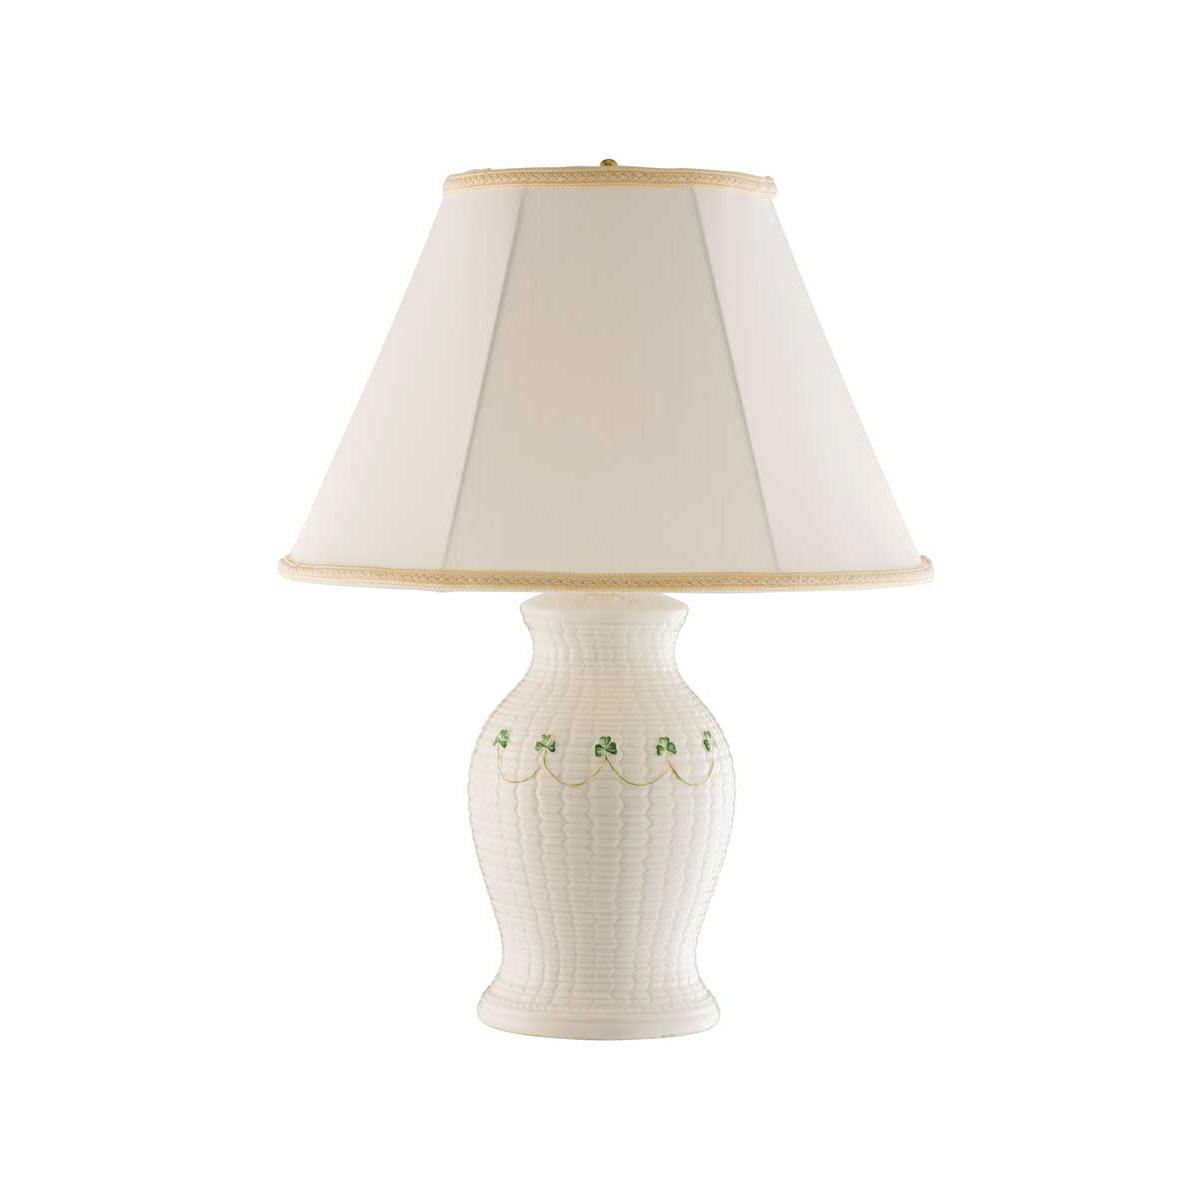 Belleek China Braid Lamp and Shade